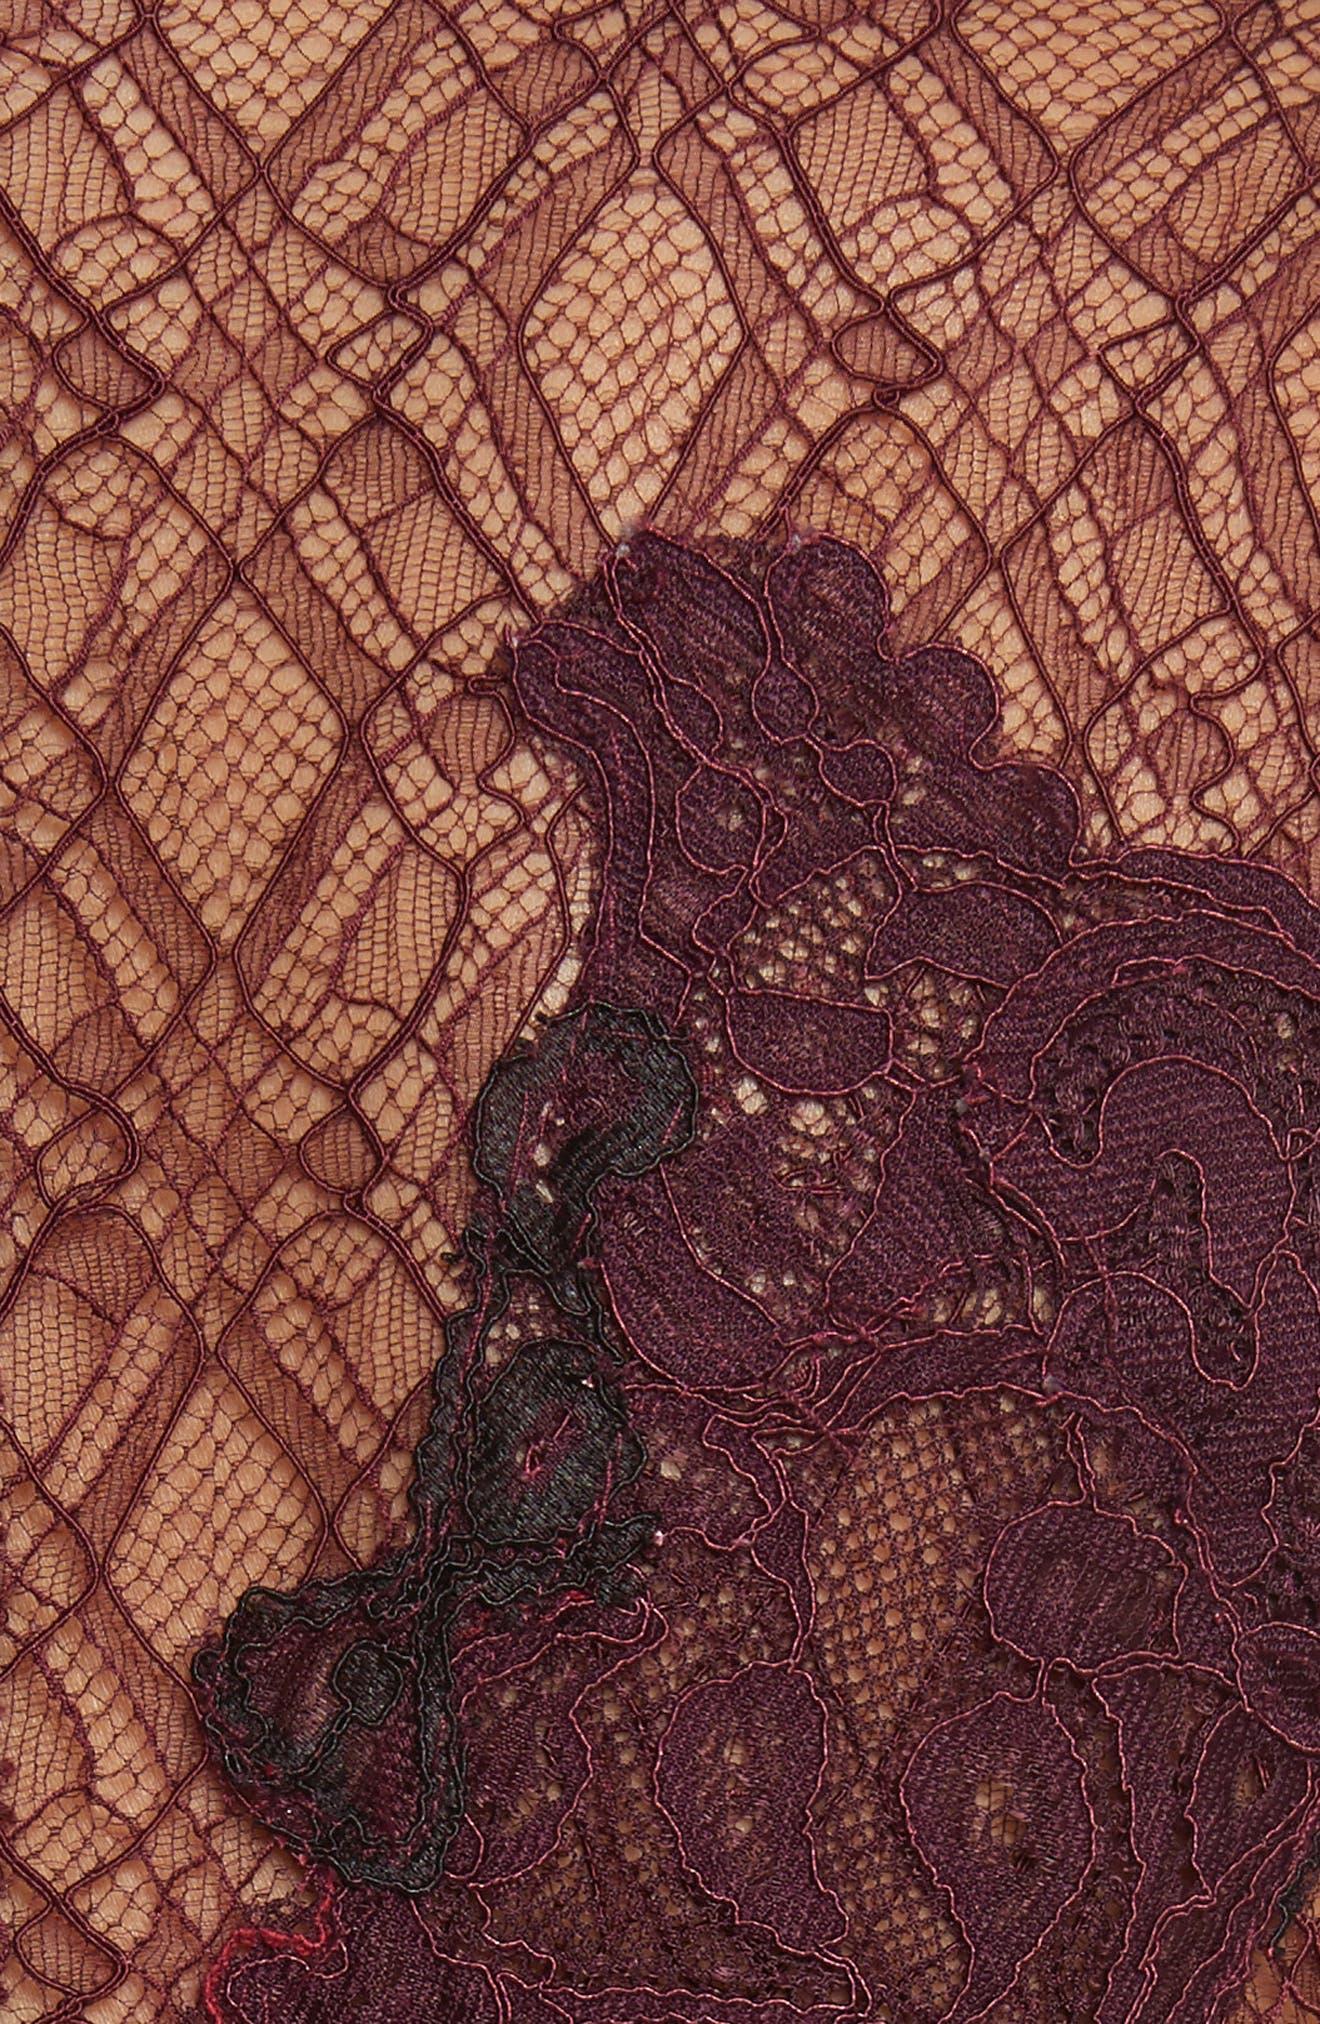 Grommet Detail Lace Dress,                             Alternate thumbnail 5, color,